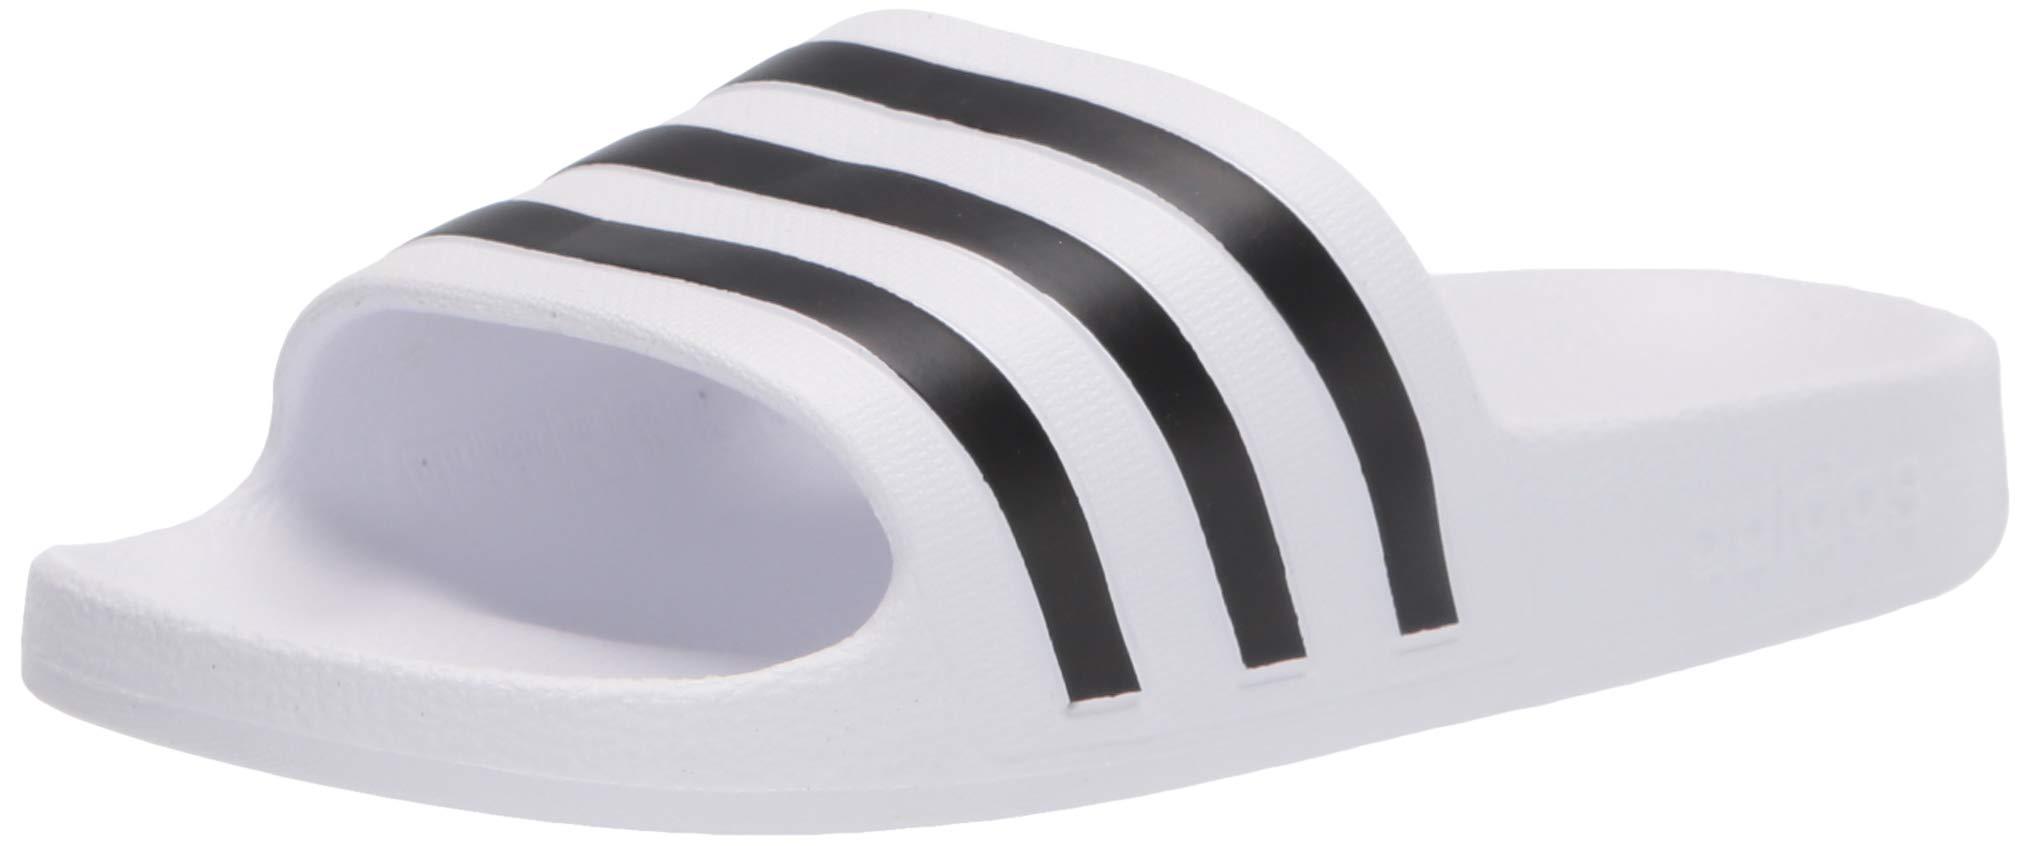 adidas Men's or Women's Adilette Aqua Slide Sandal (white/core black/white) $13 + Free shipping w/ Prime or on orders over $25